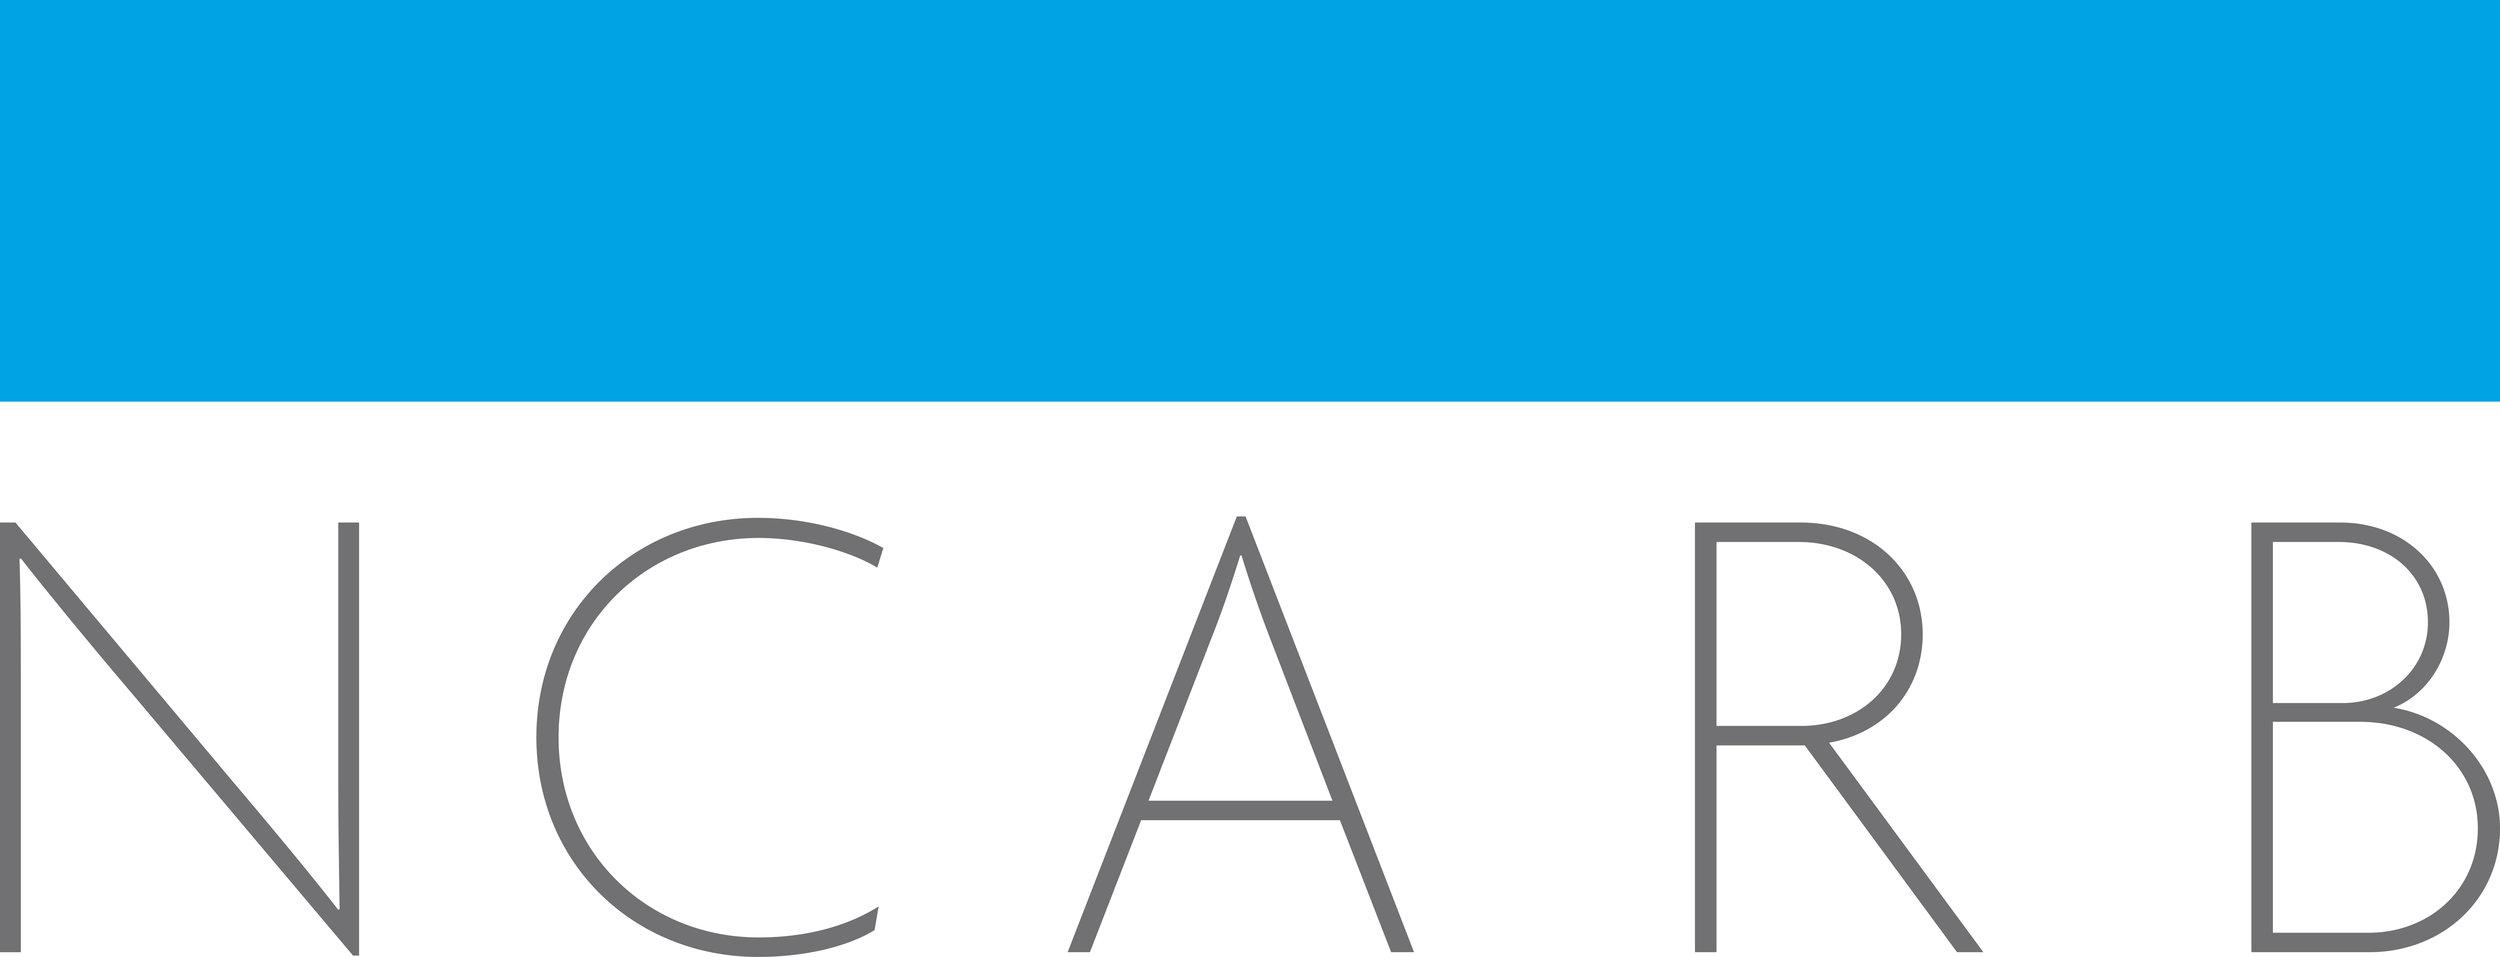 NCARB logo RGB.JPG